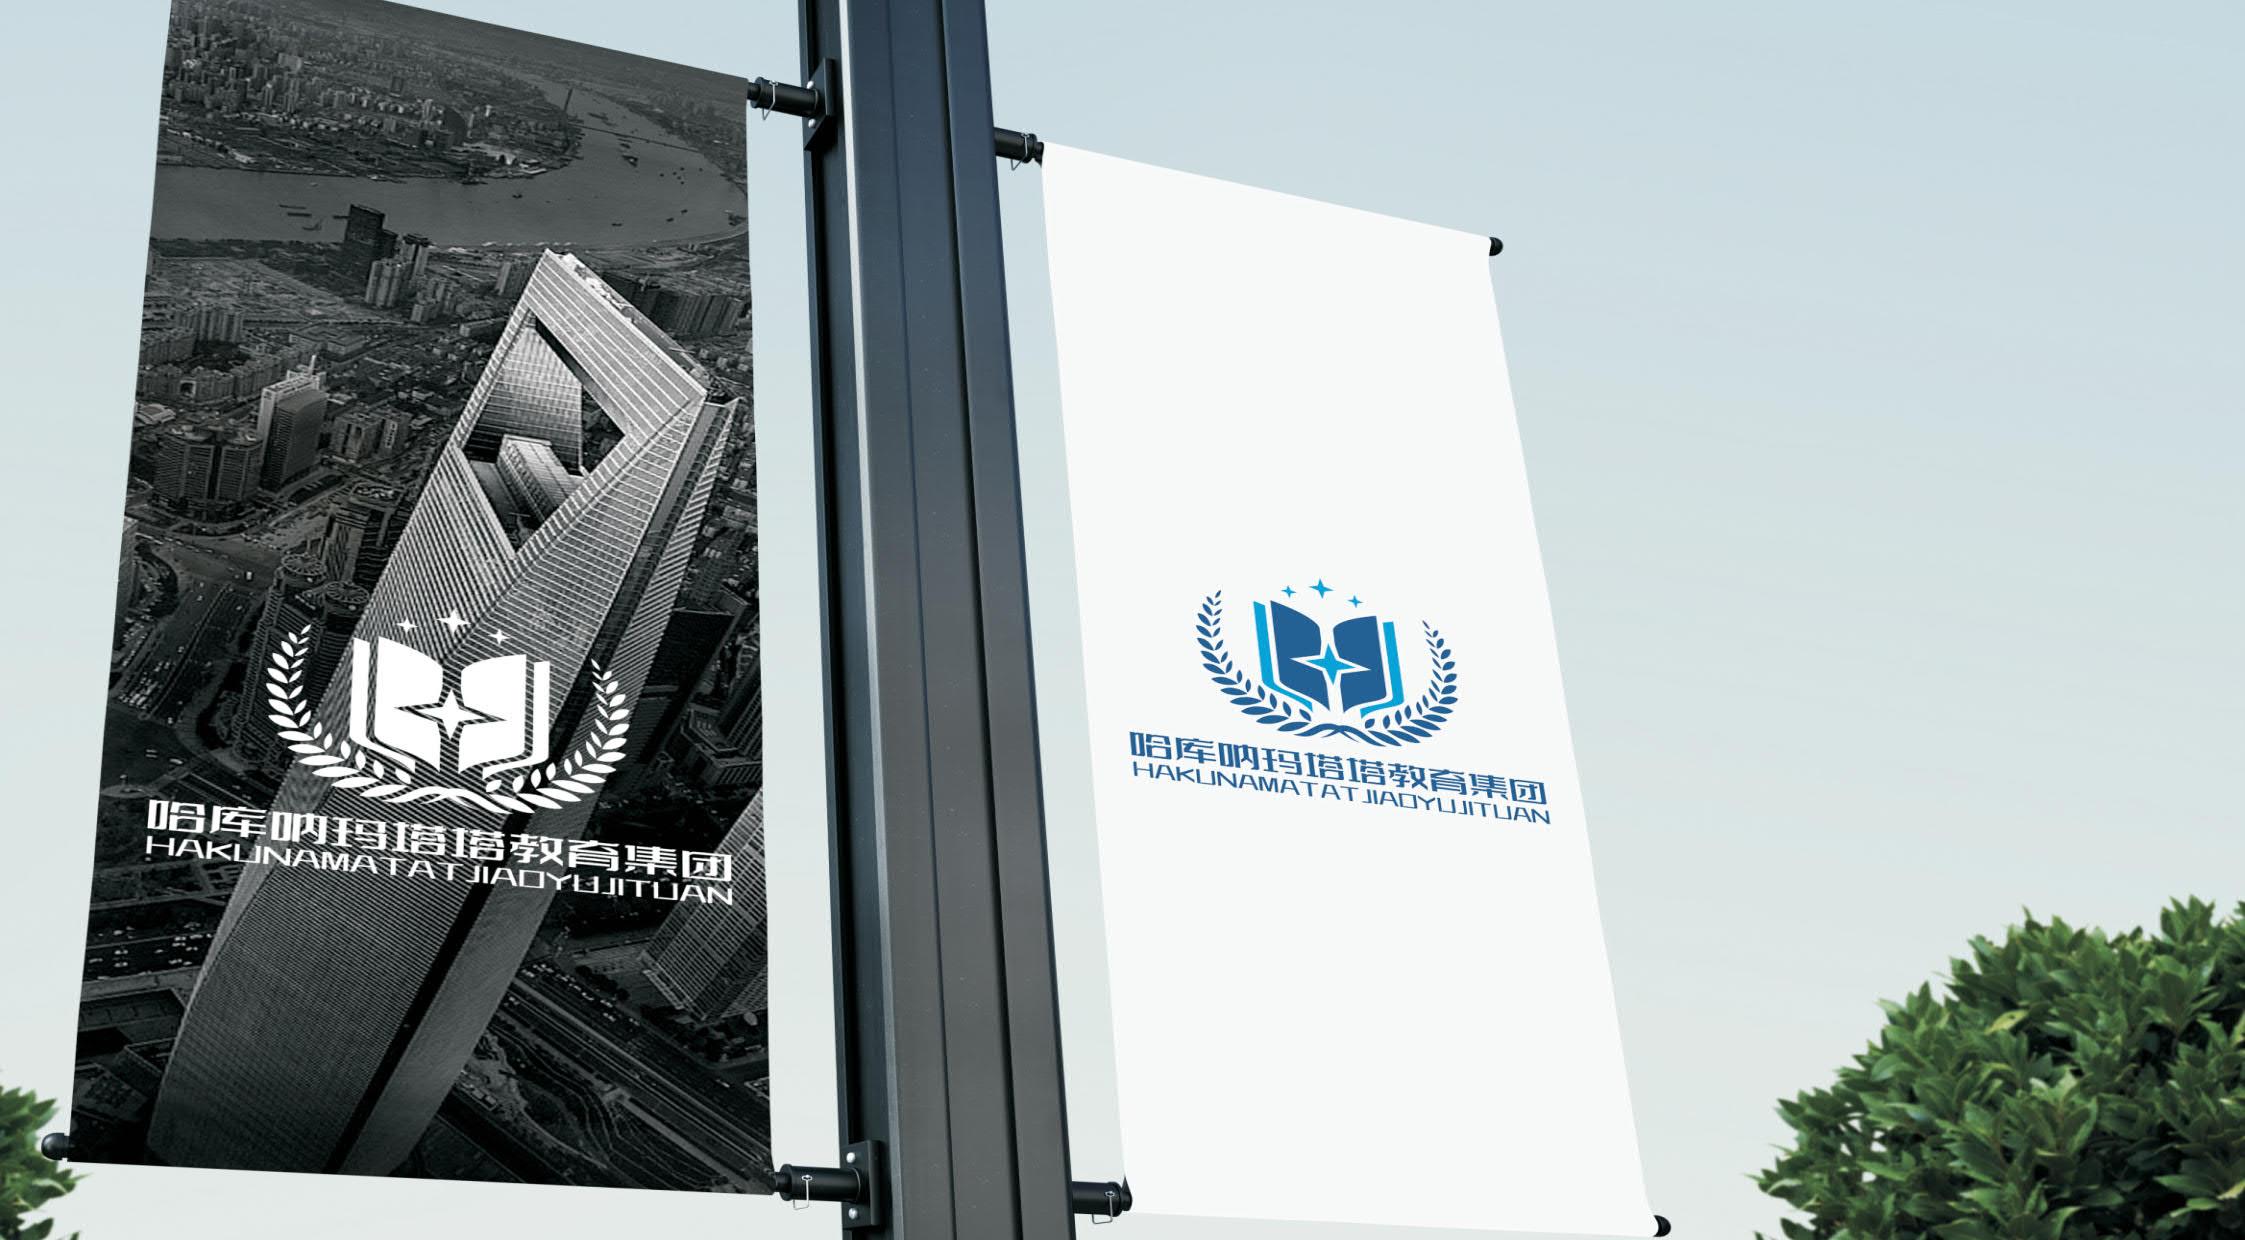 江苏哈库呐玛塔塔教育咨询集团有限公司5